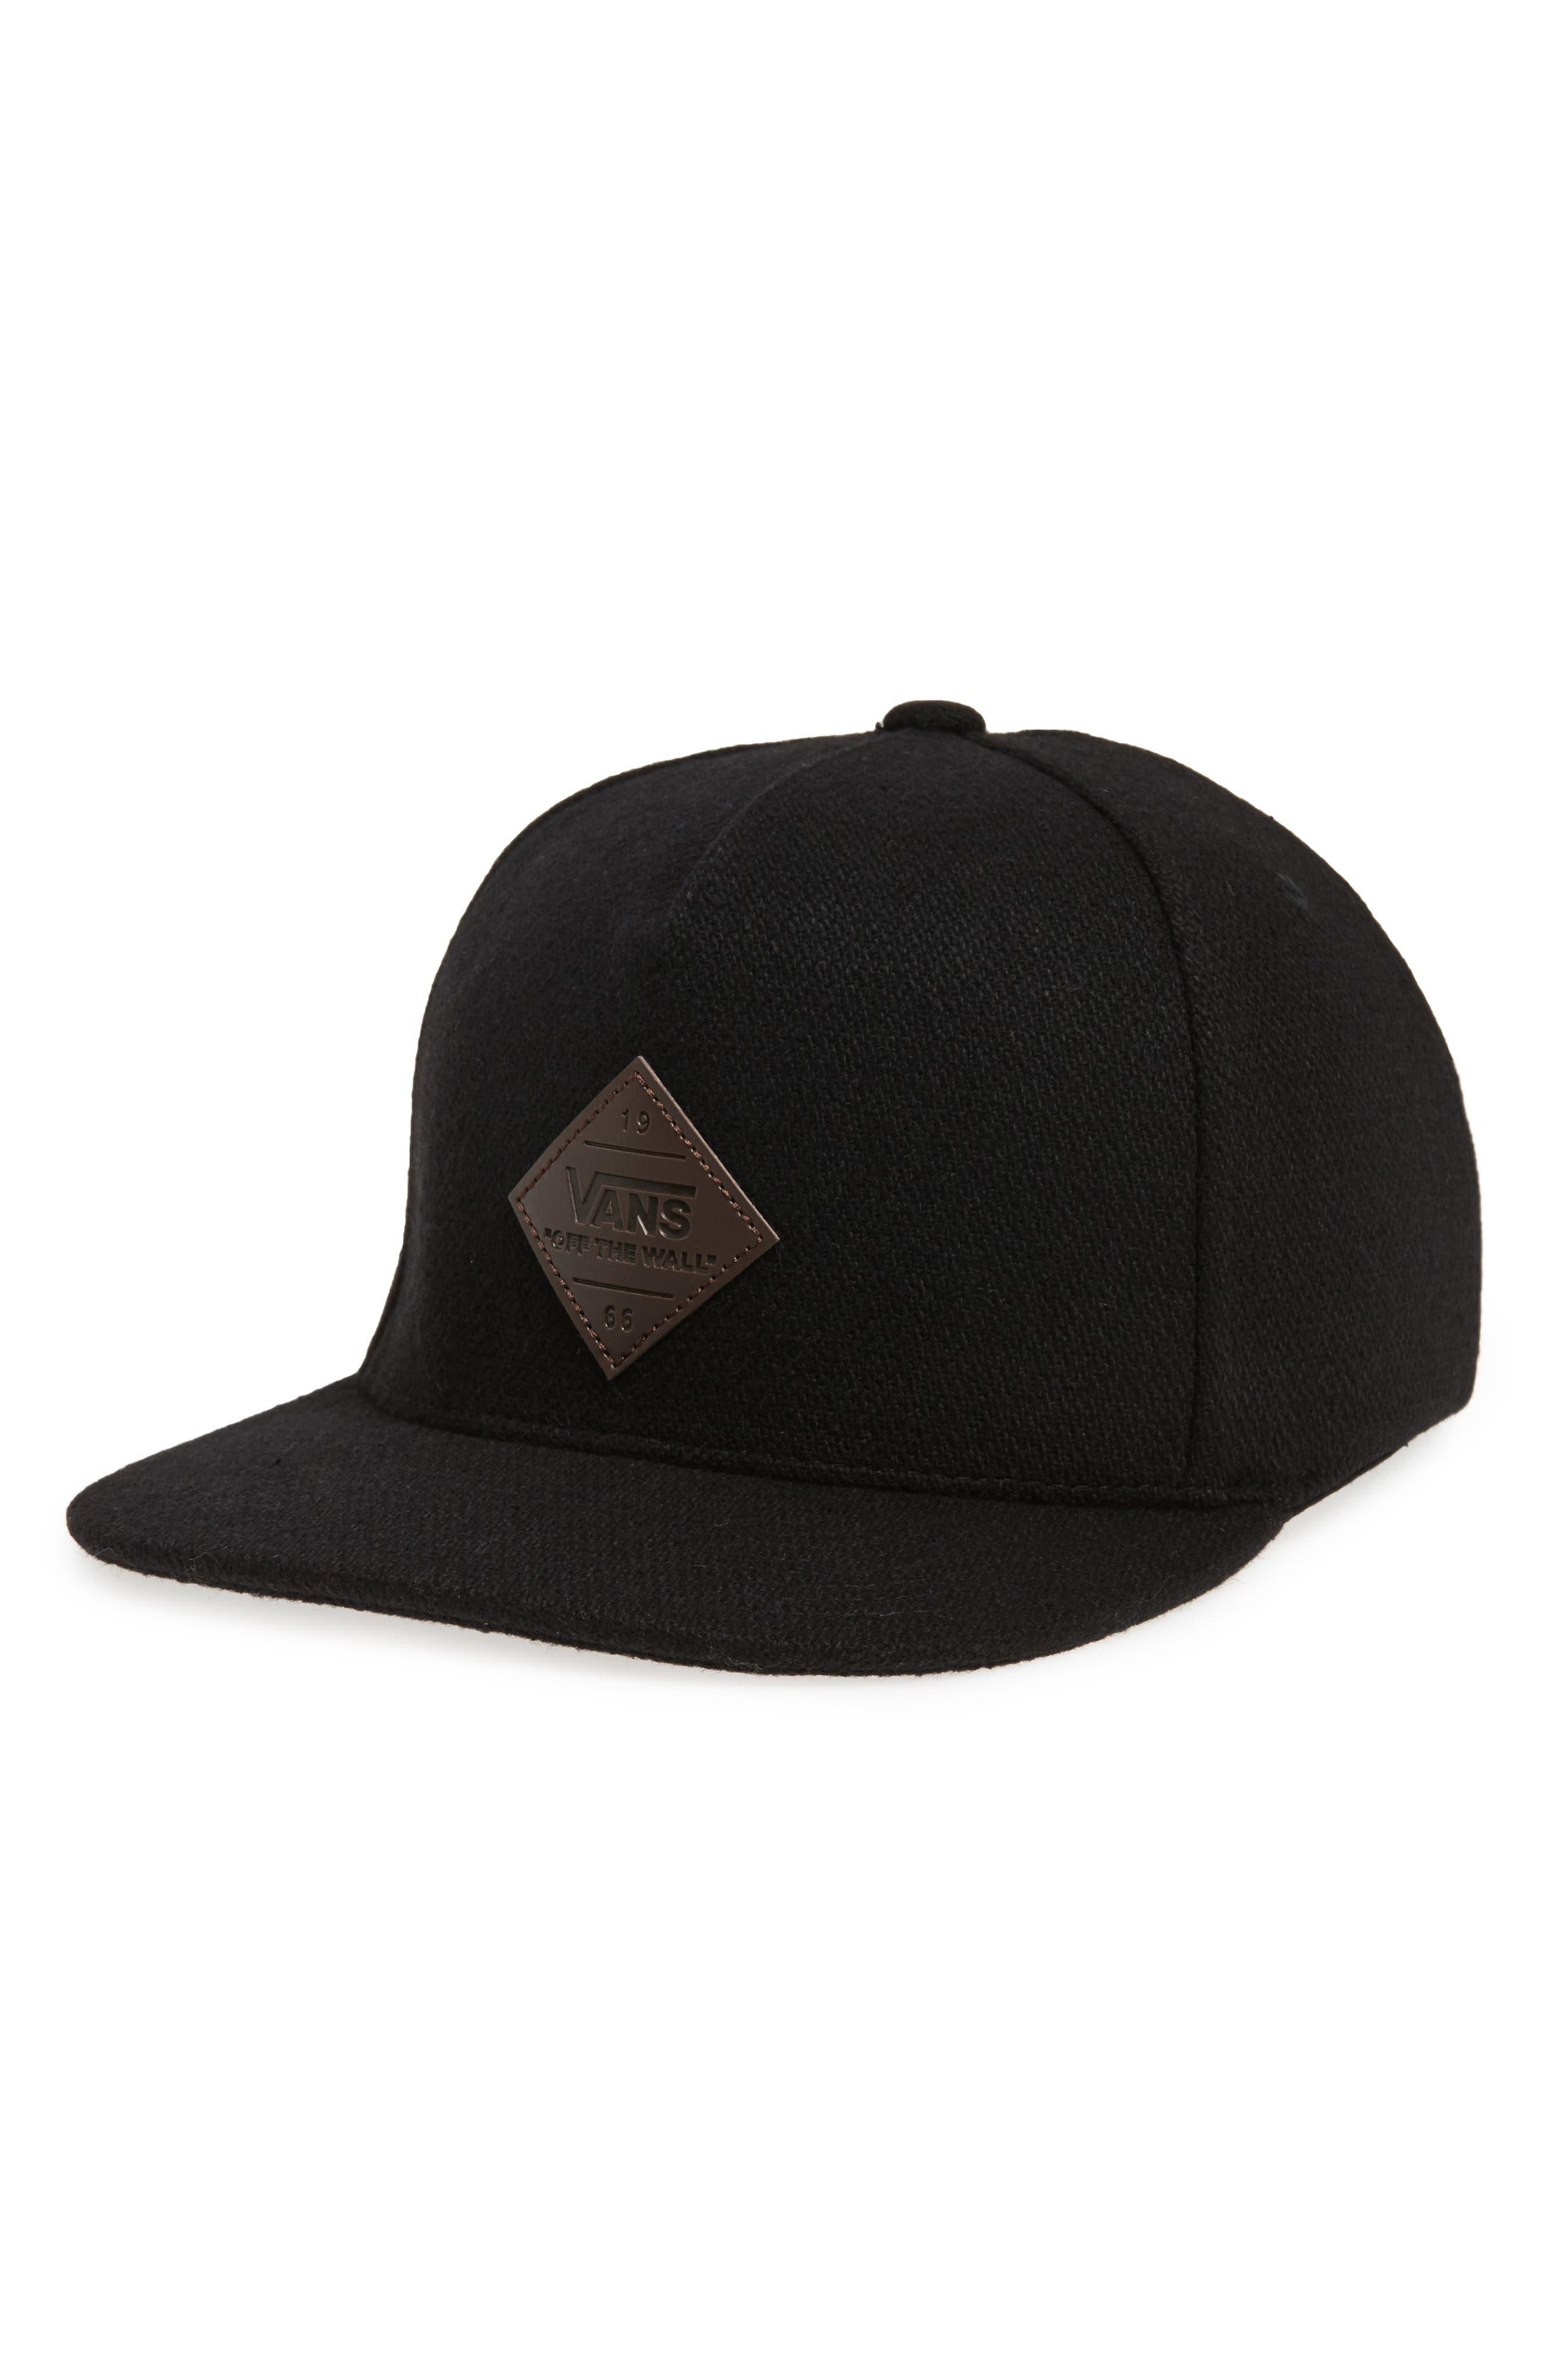 Vans Grove Snapback Baseball Cap